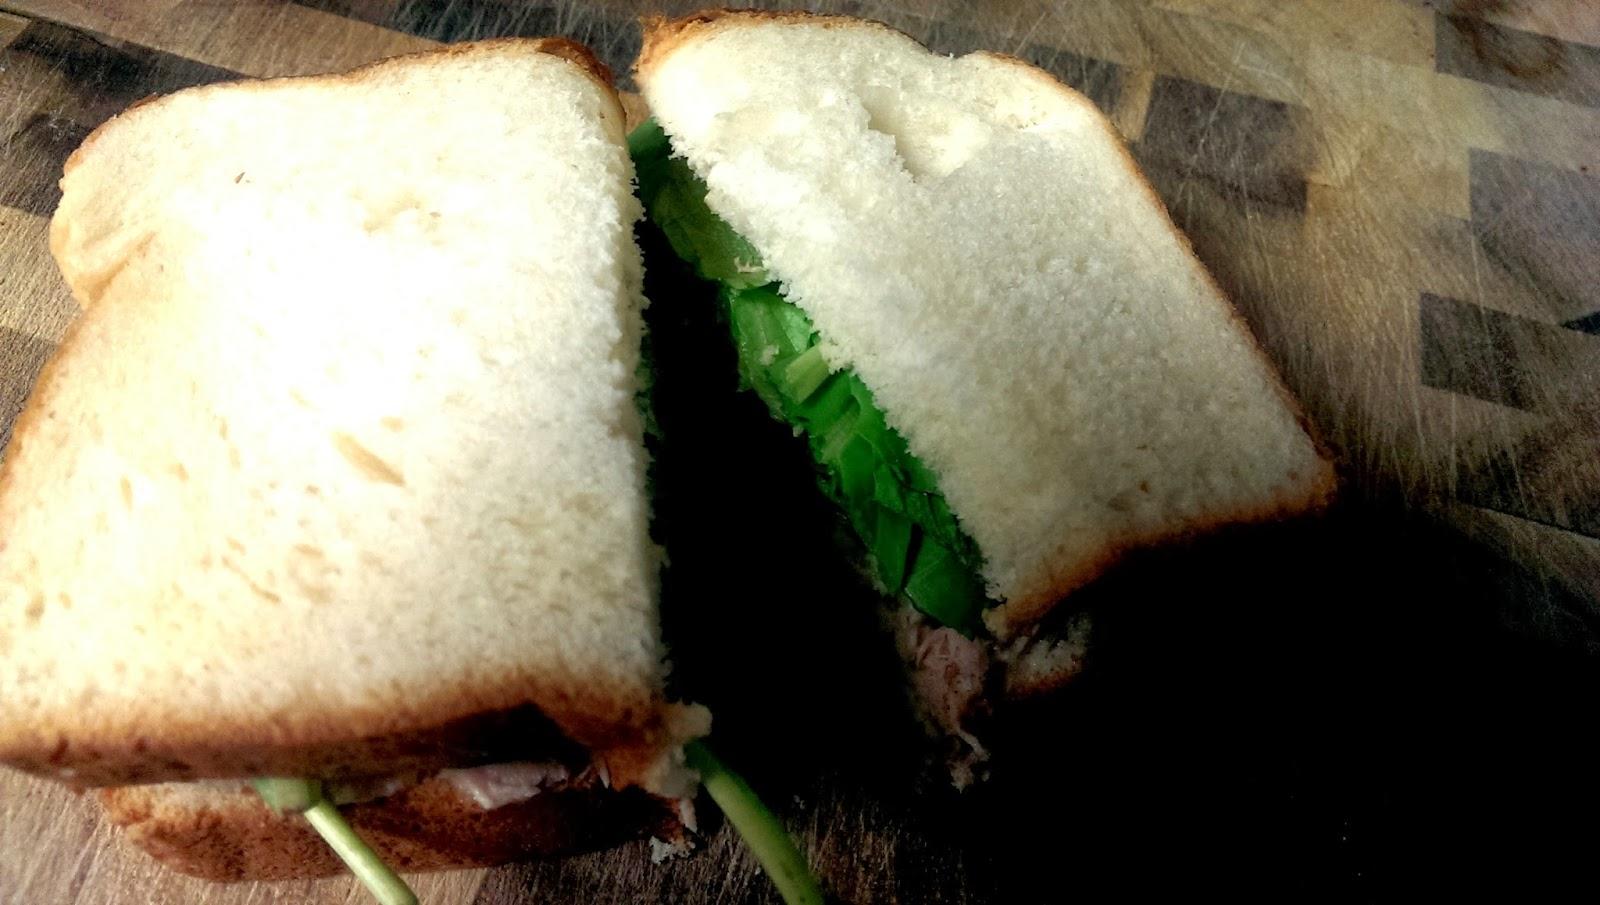 Kings+Hawaiian+Sandwich King's Hawaiian Bread Review